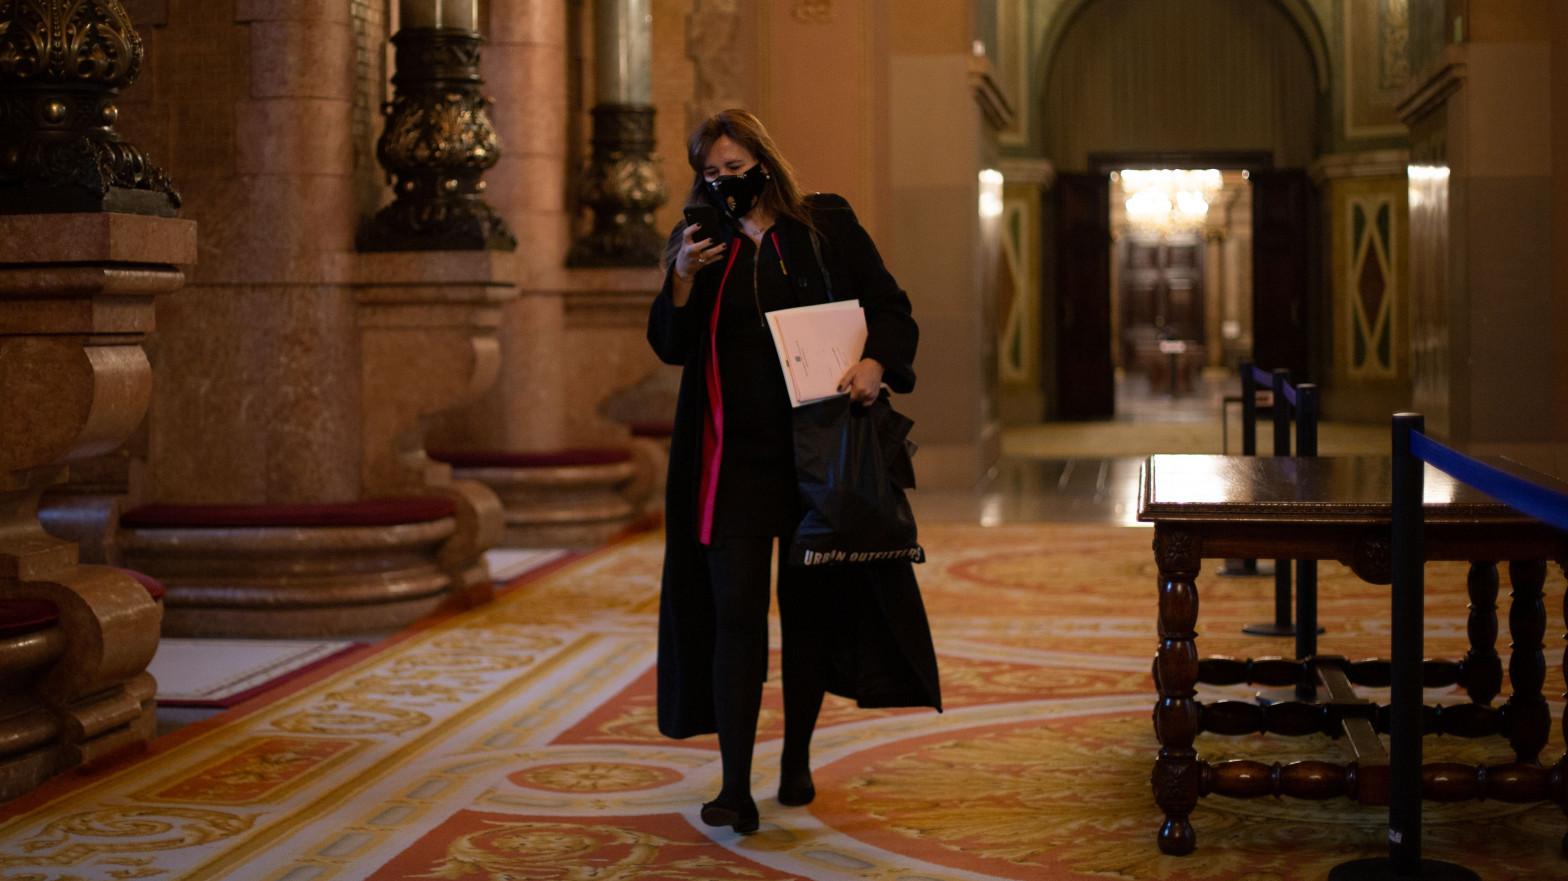 Borràs inicia una purga en el Parlament para apartar a los letrados que frenaron el 'procés'